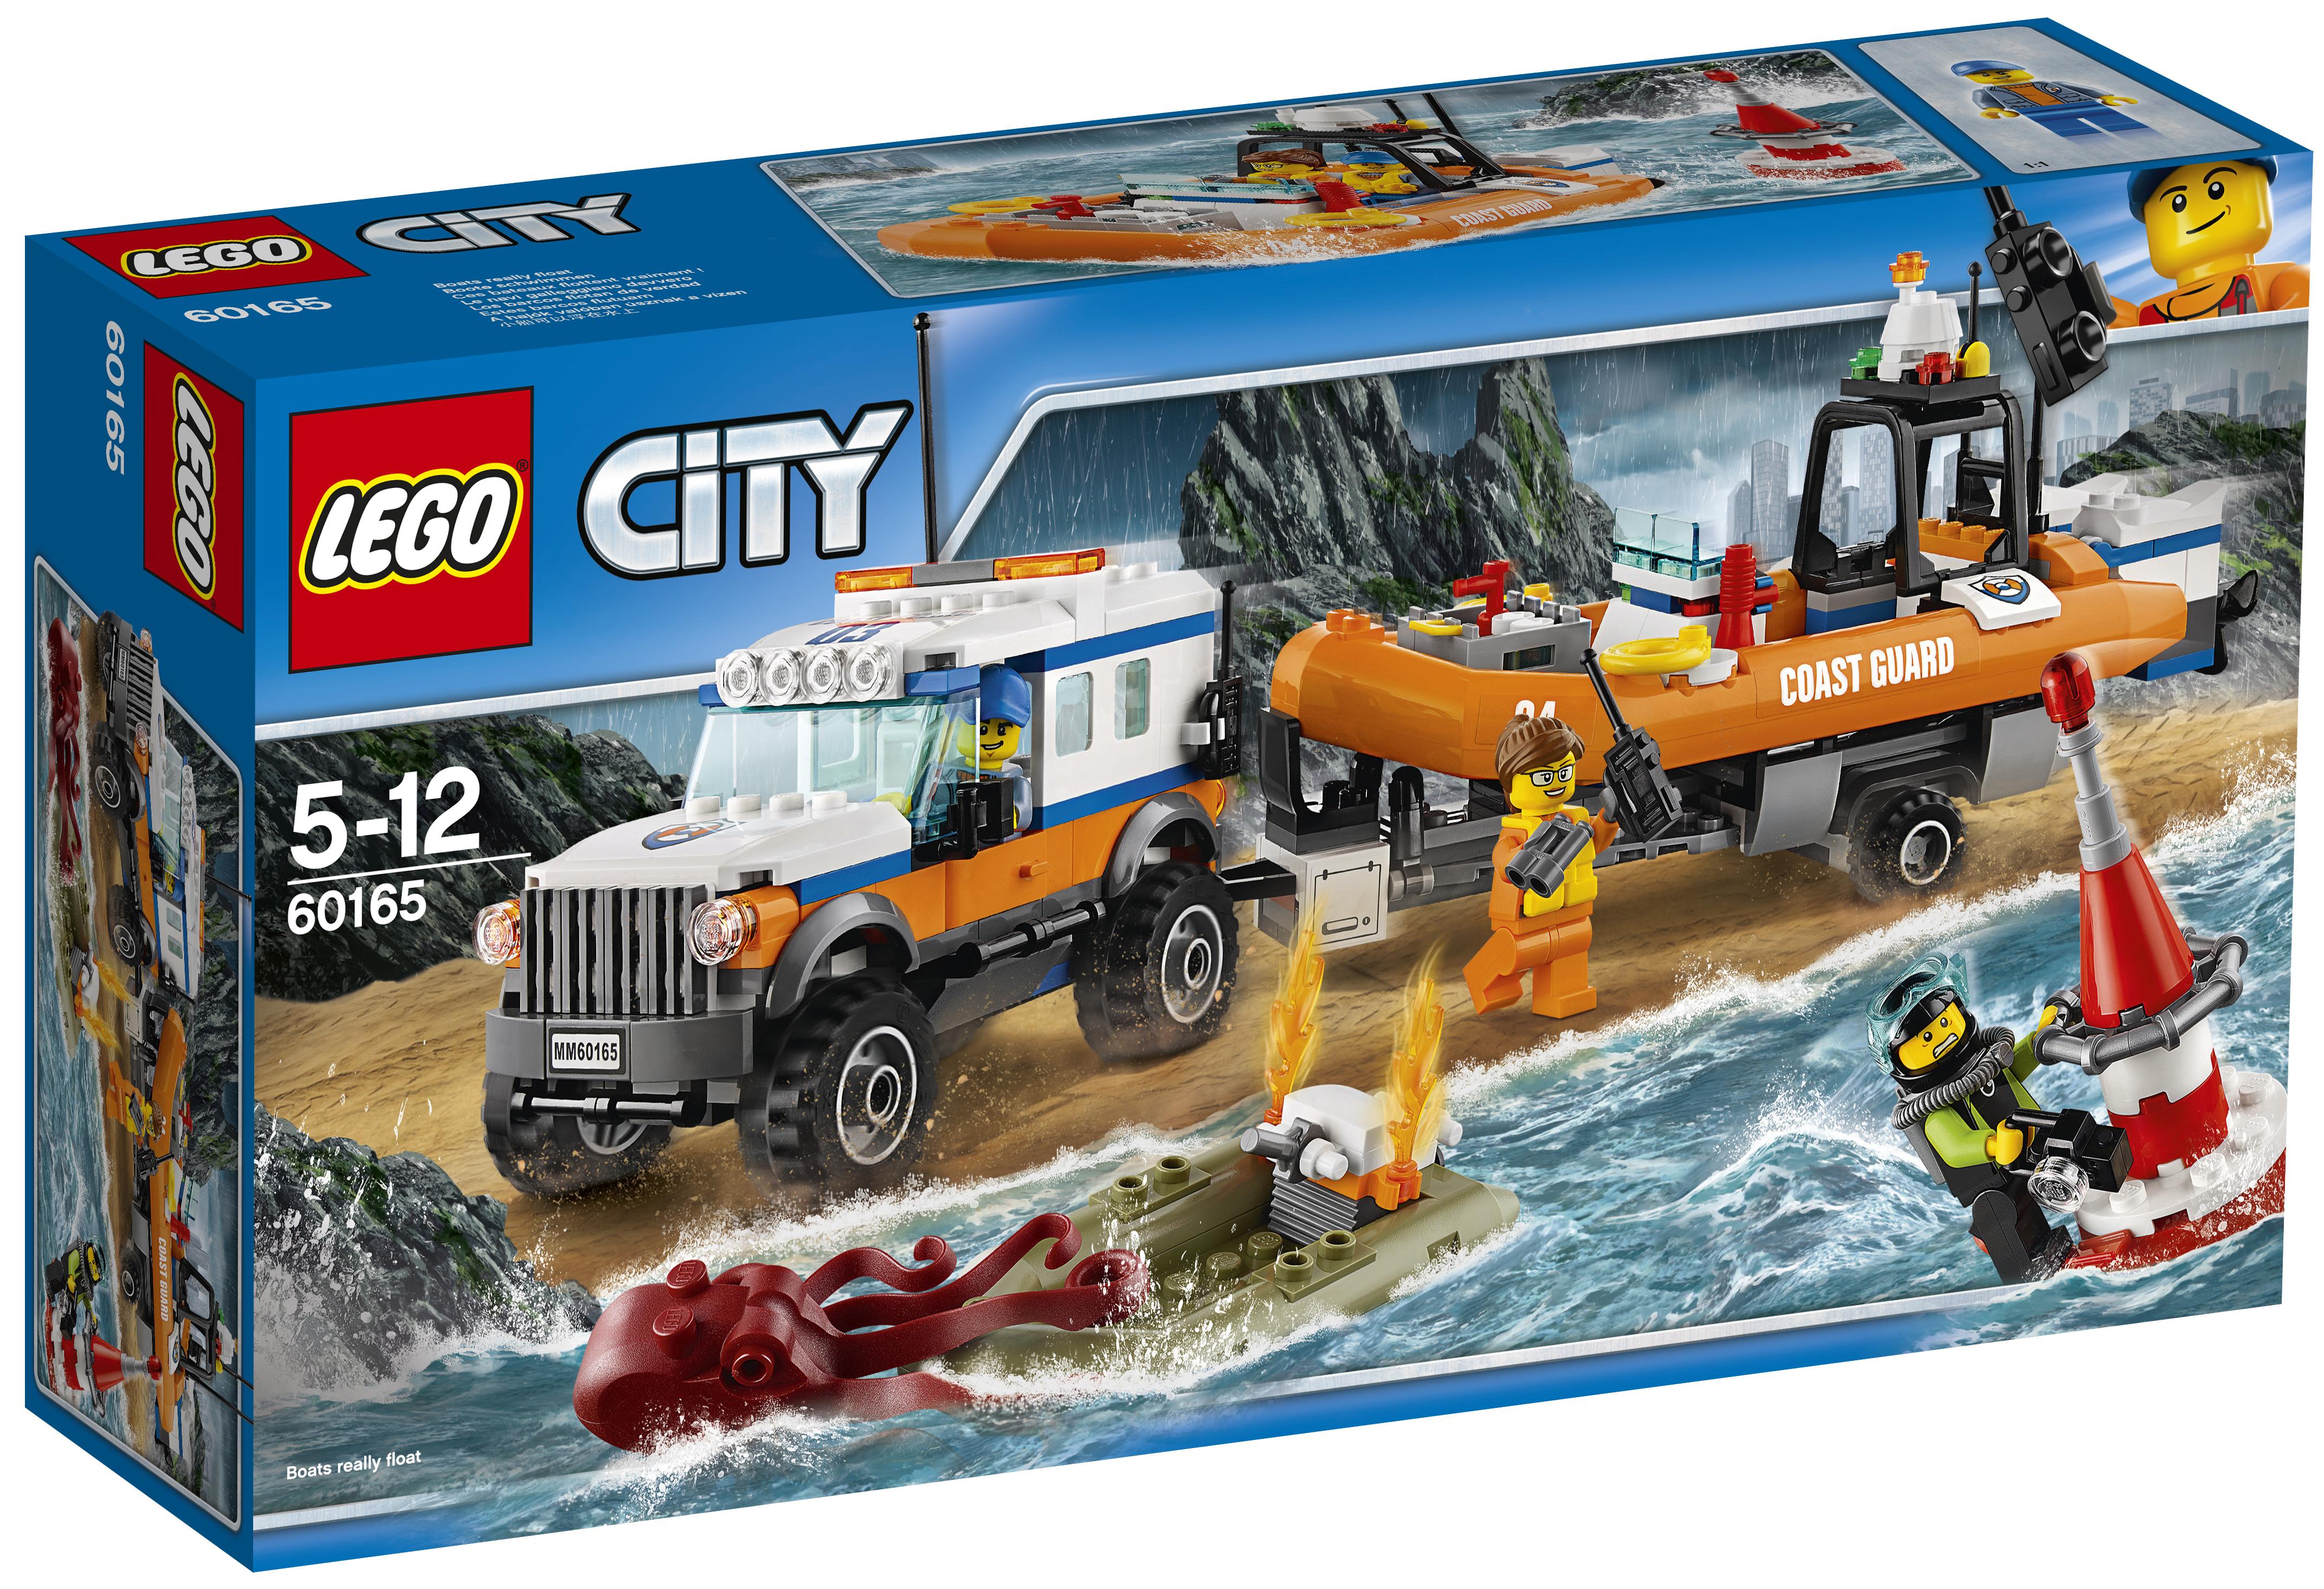 LEGO LEGO City Coast Guard 60165 Внедорожник 4х4 команды быстрого реагирования конструктор lego city coast guard штаб береговой охраны 60167